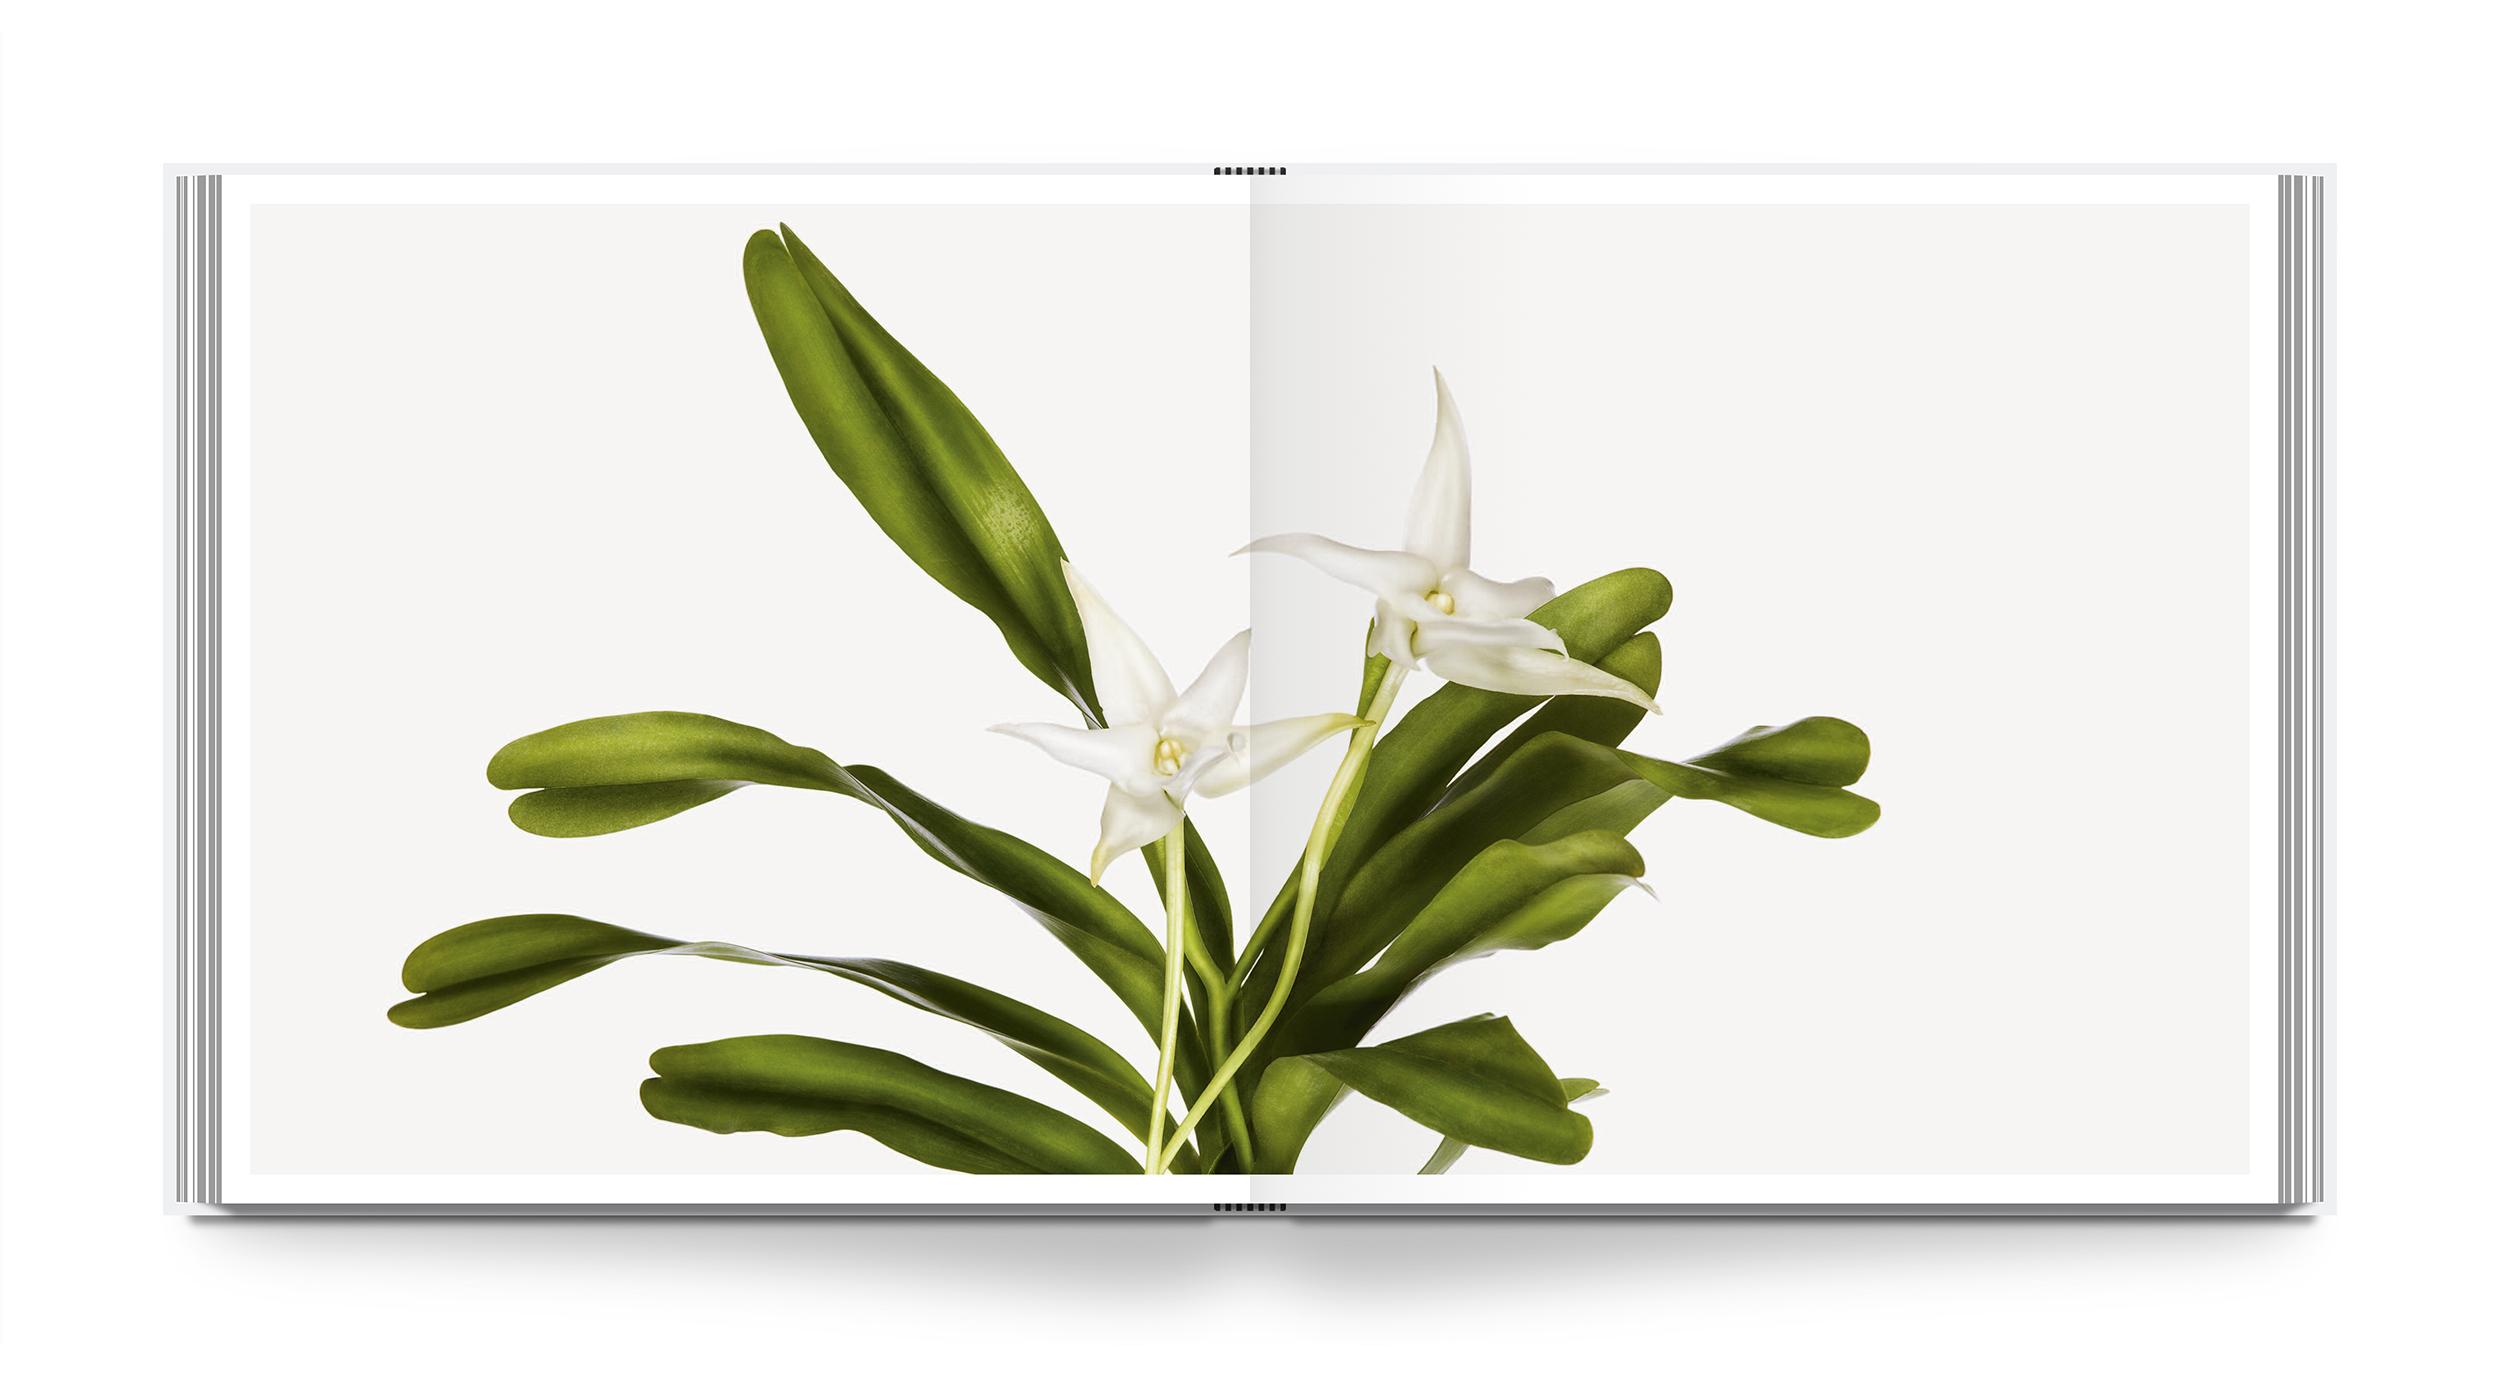 az-flower-int-1.jpg